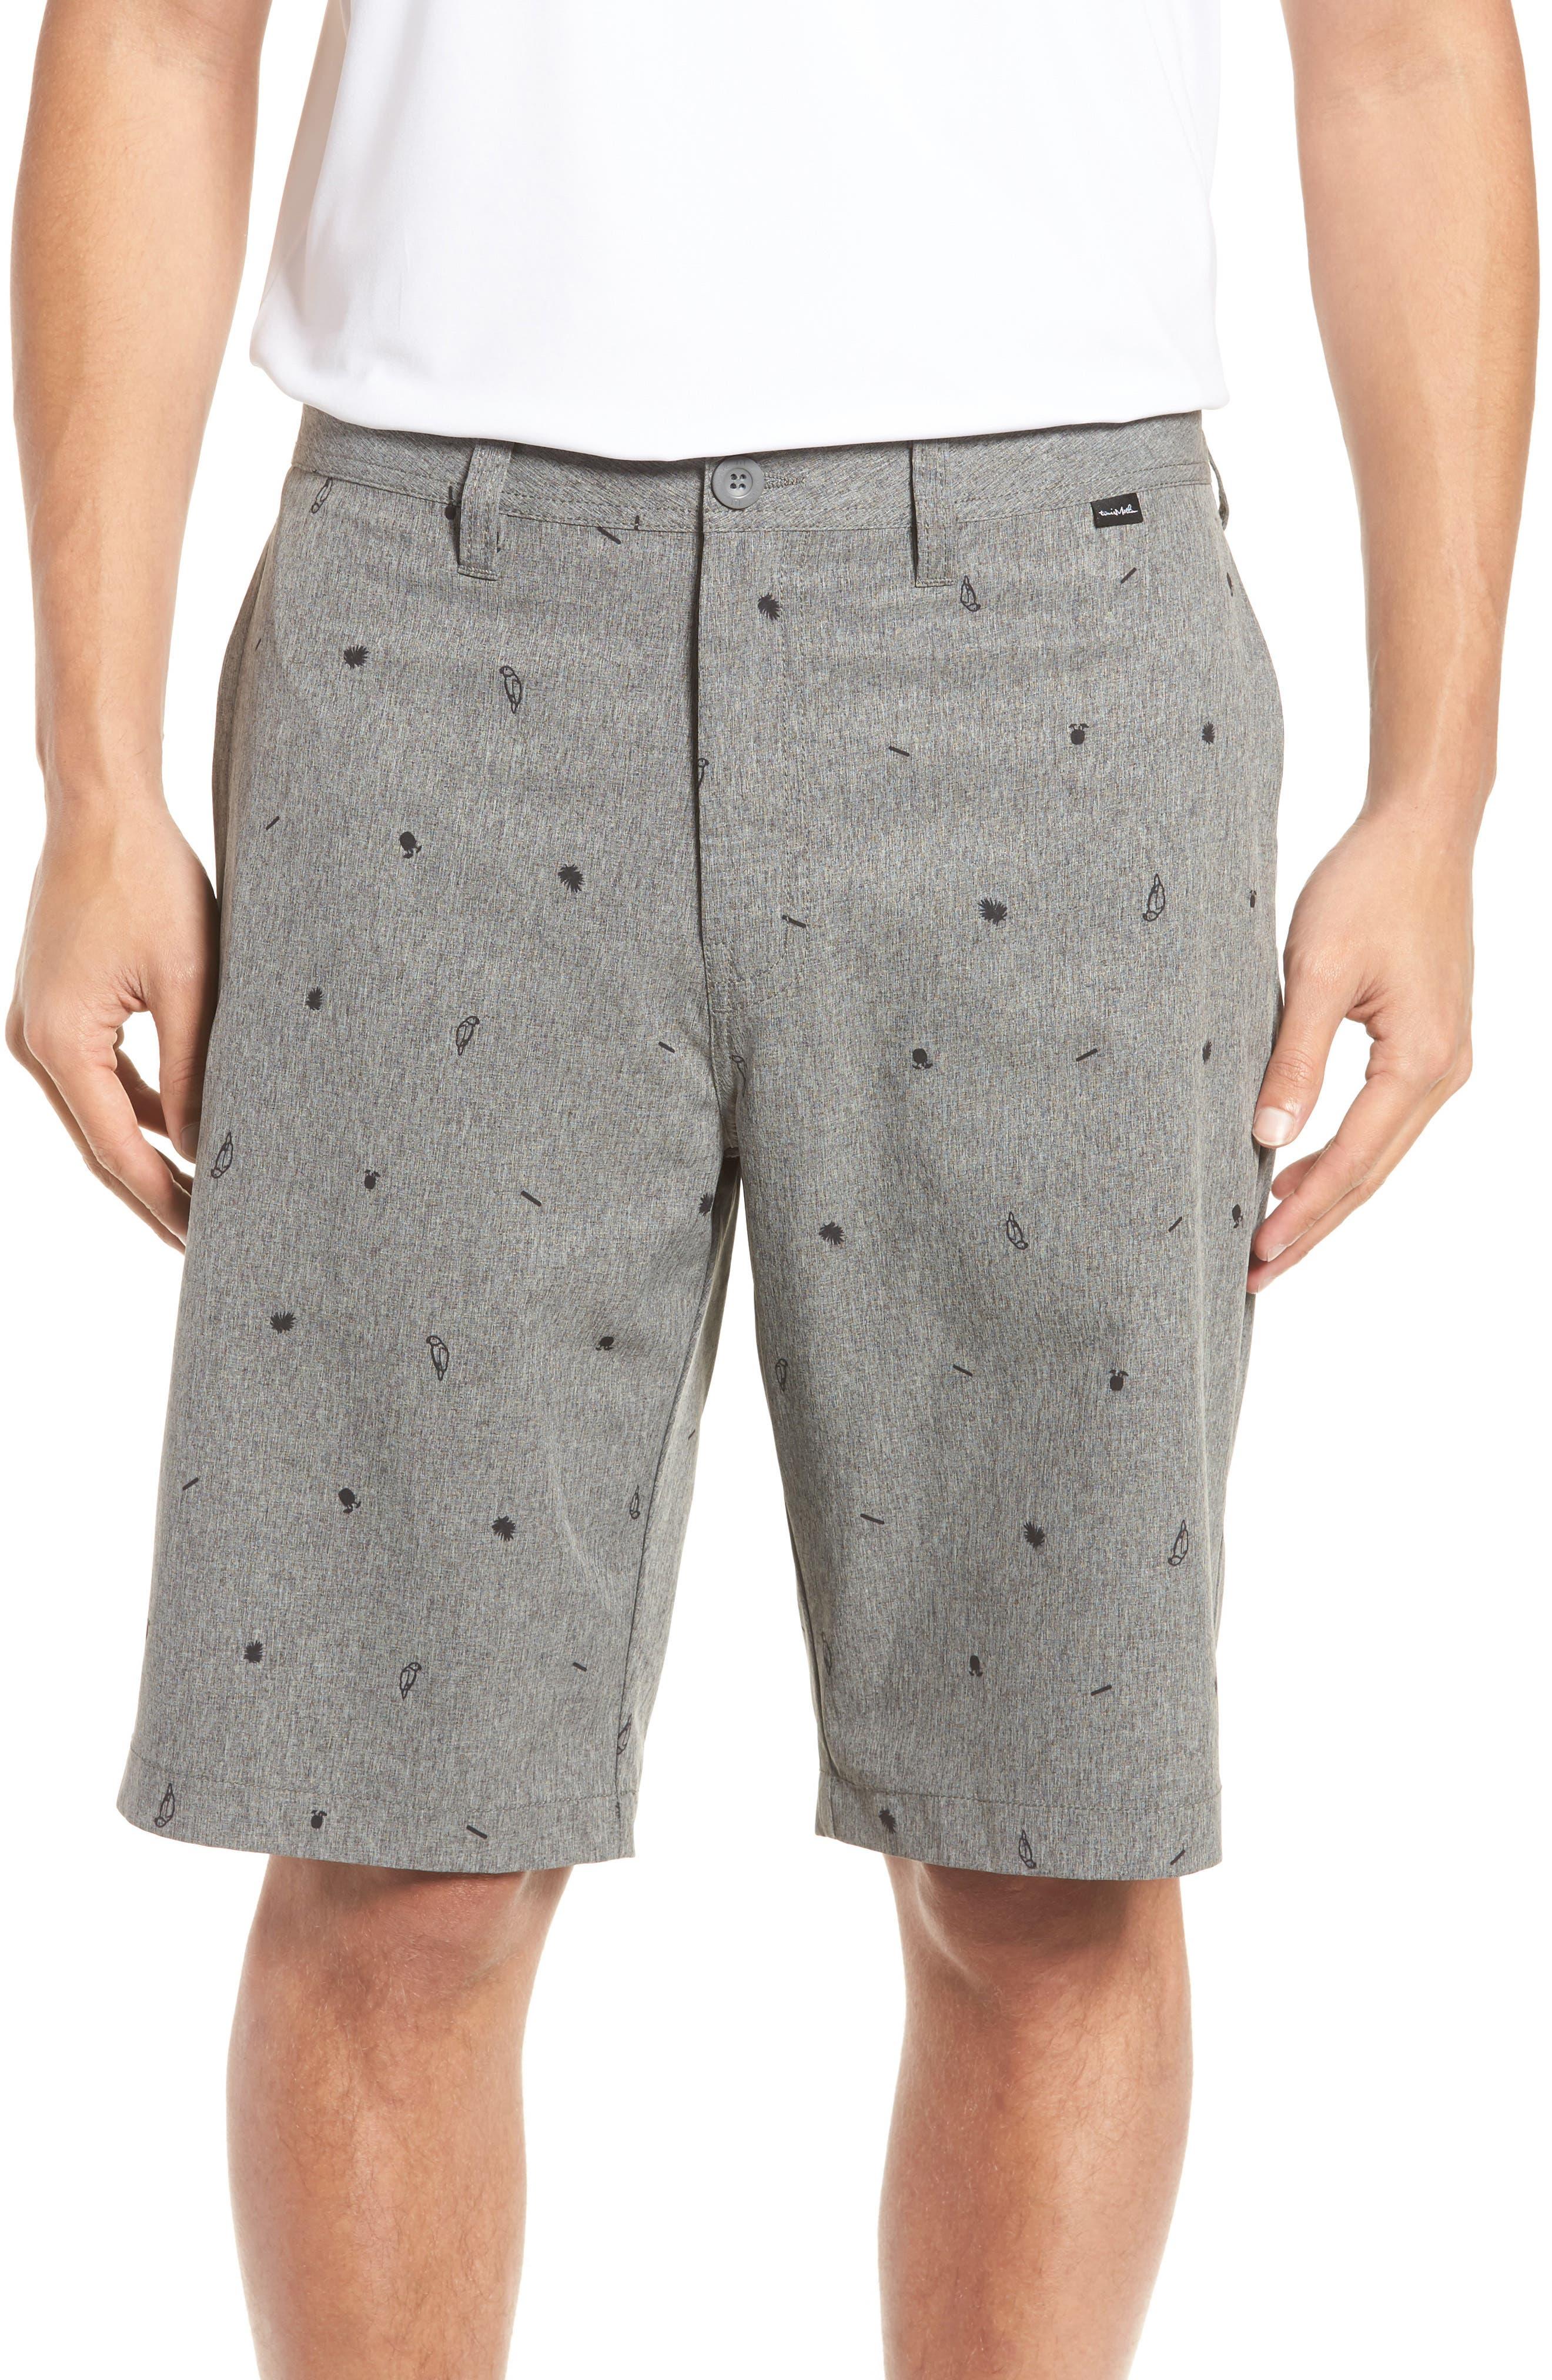 Panek Print Shorts,                         Main,                         color, 020